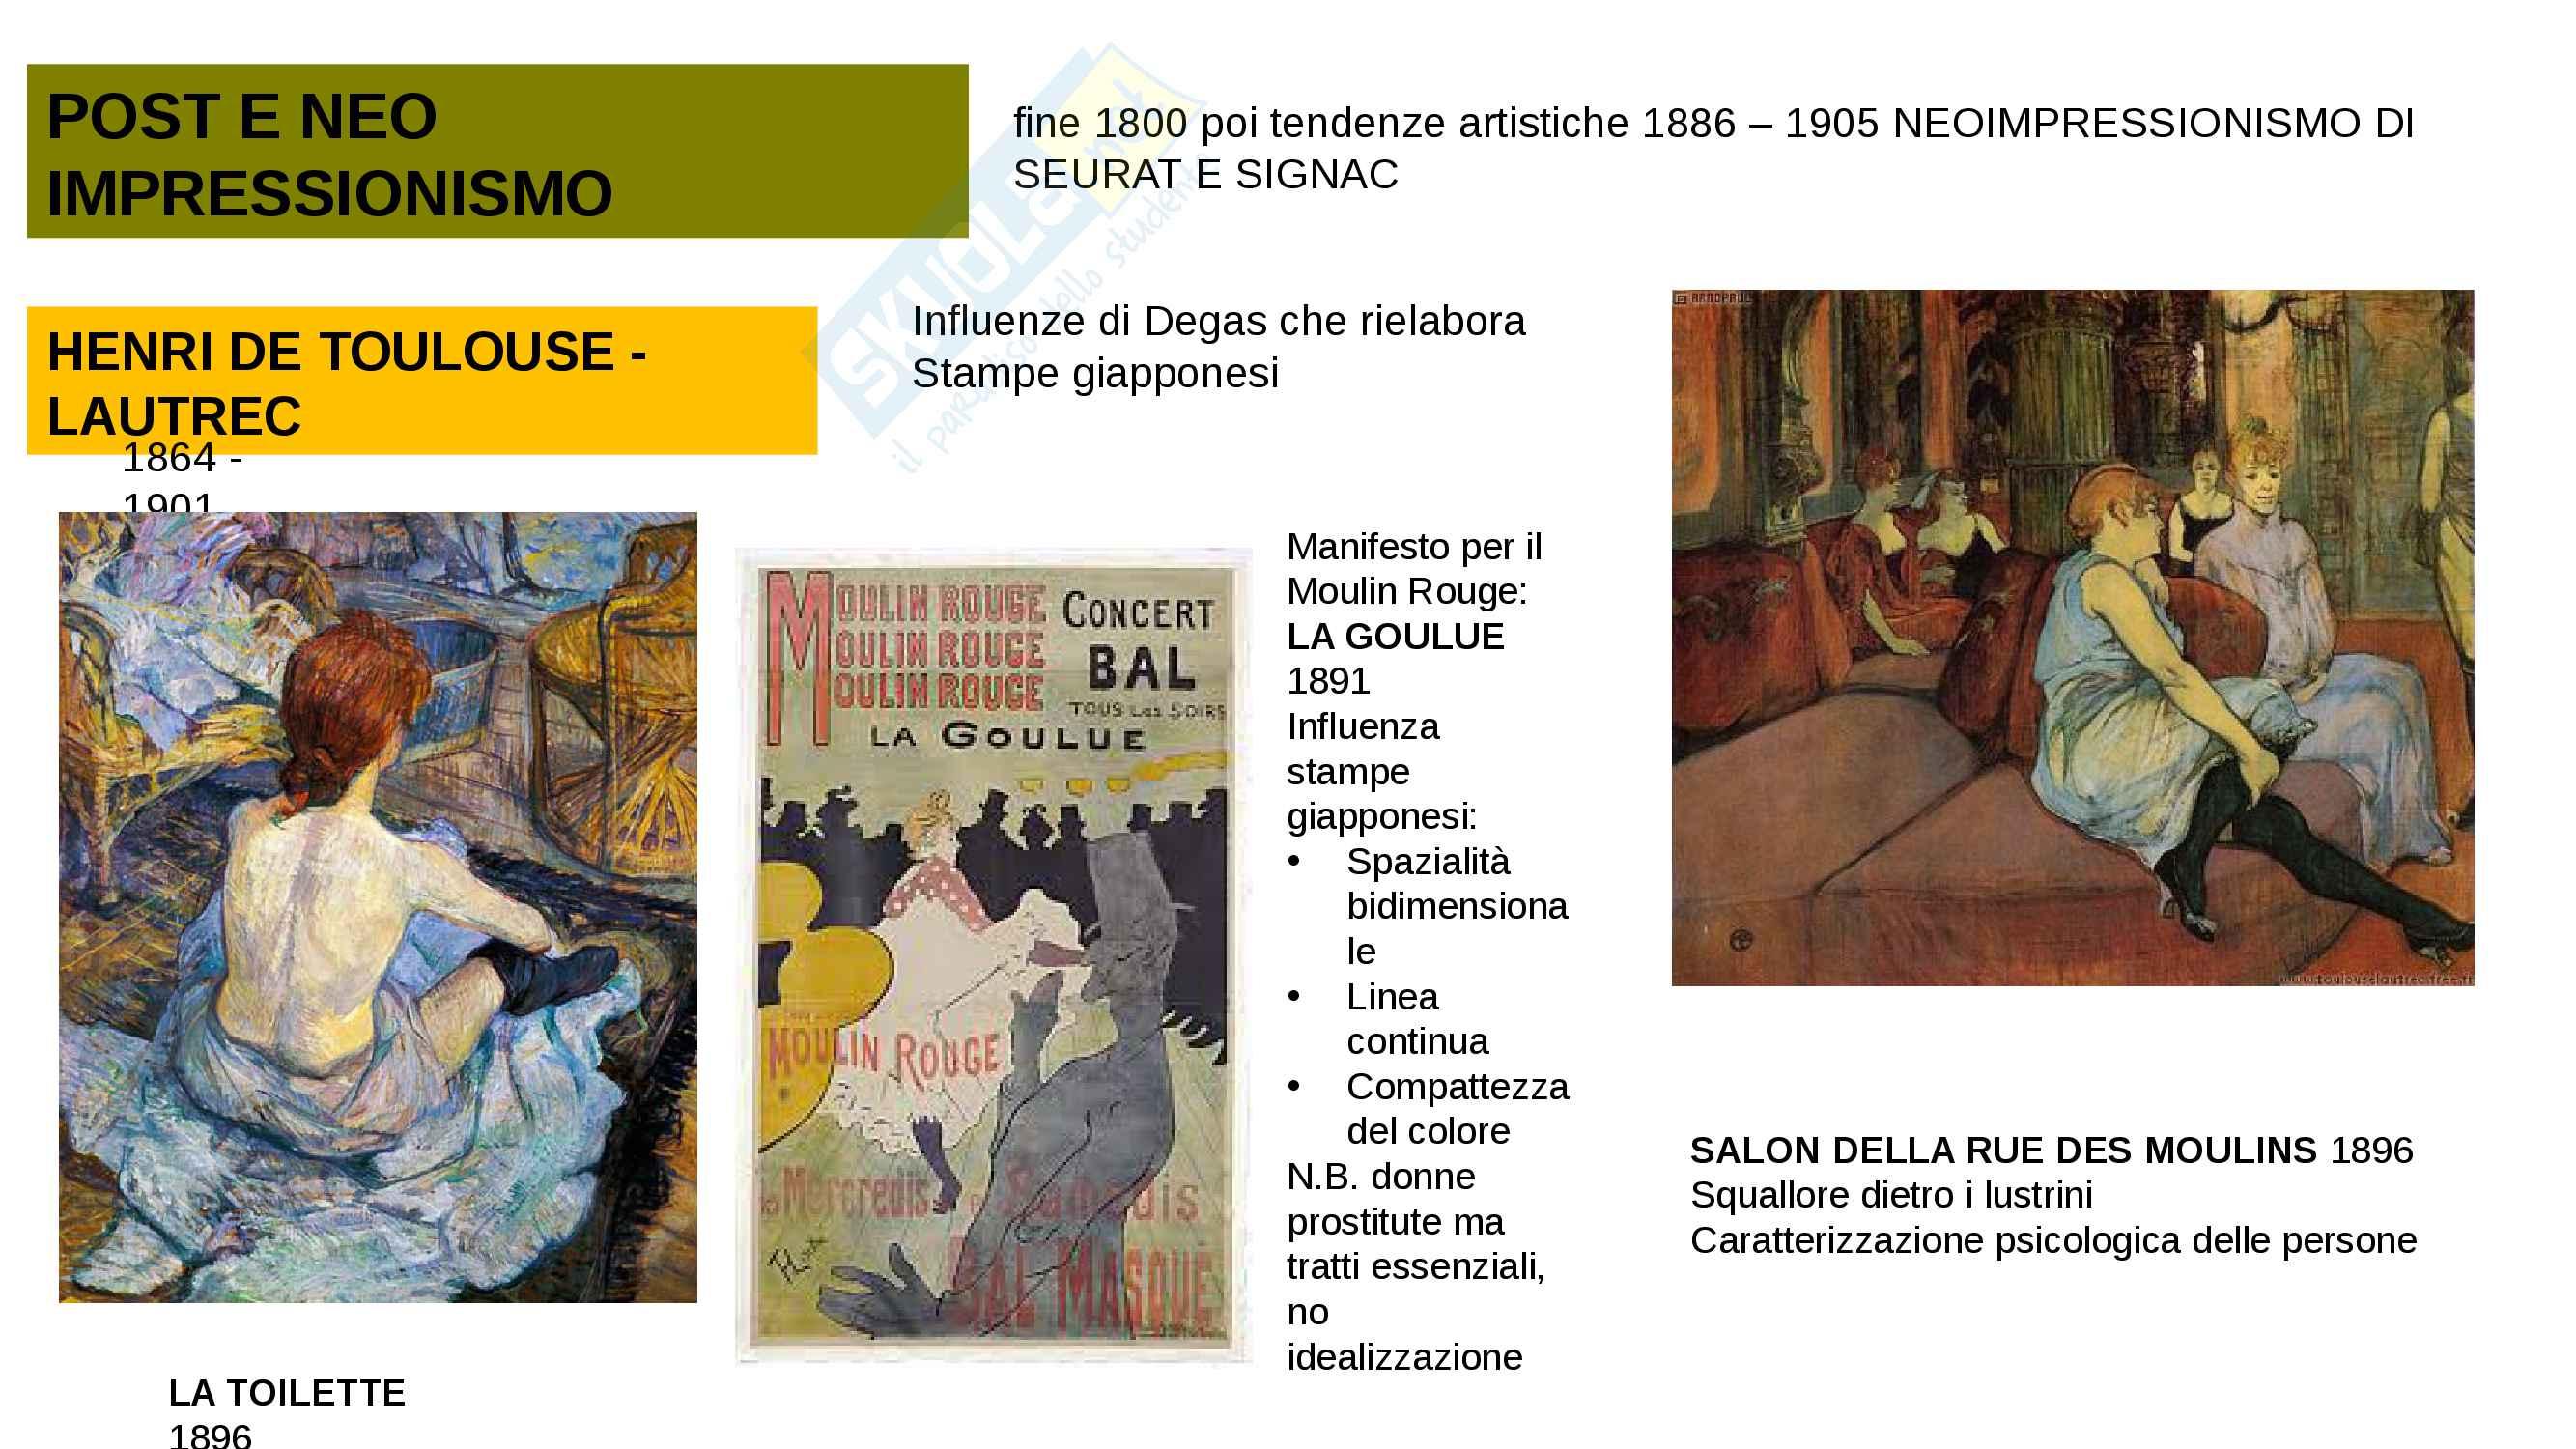 5 Arte contemporanea: Post e Neoimpressionismo